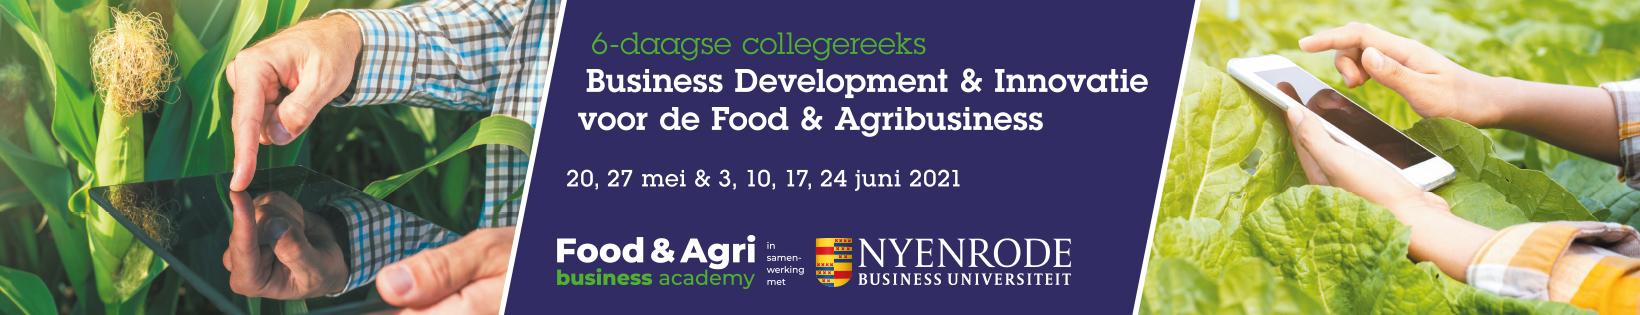 Business Development & Innovatie voor de Food & Agribusiness